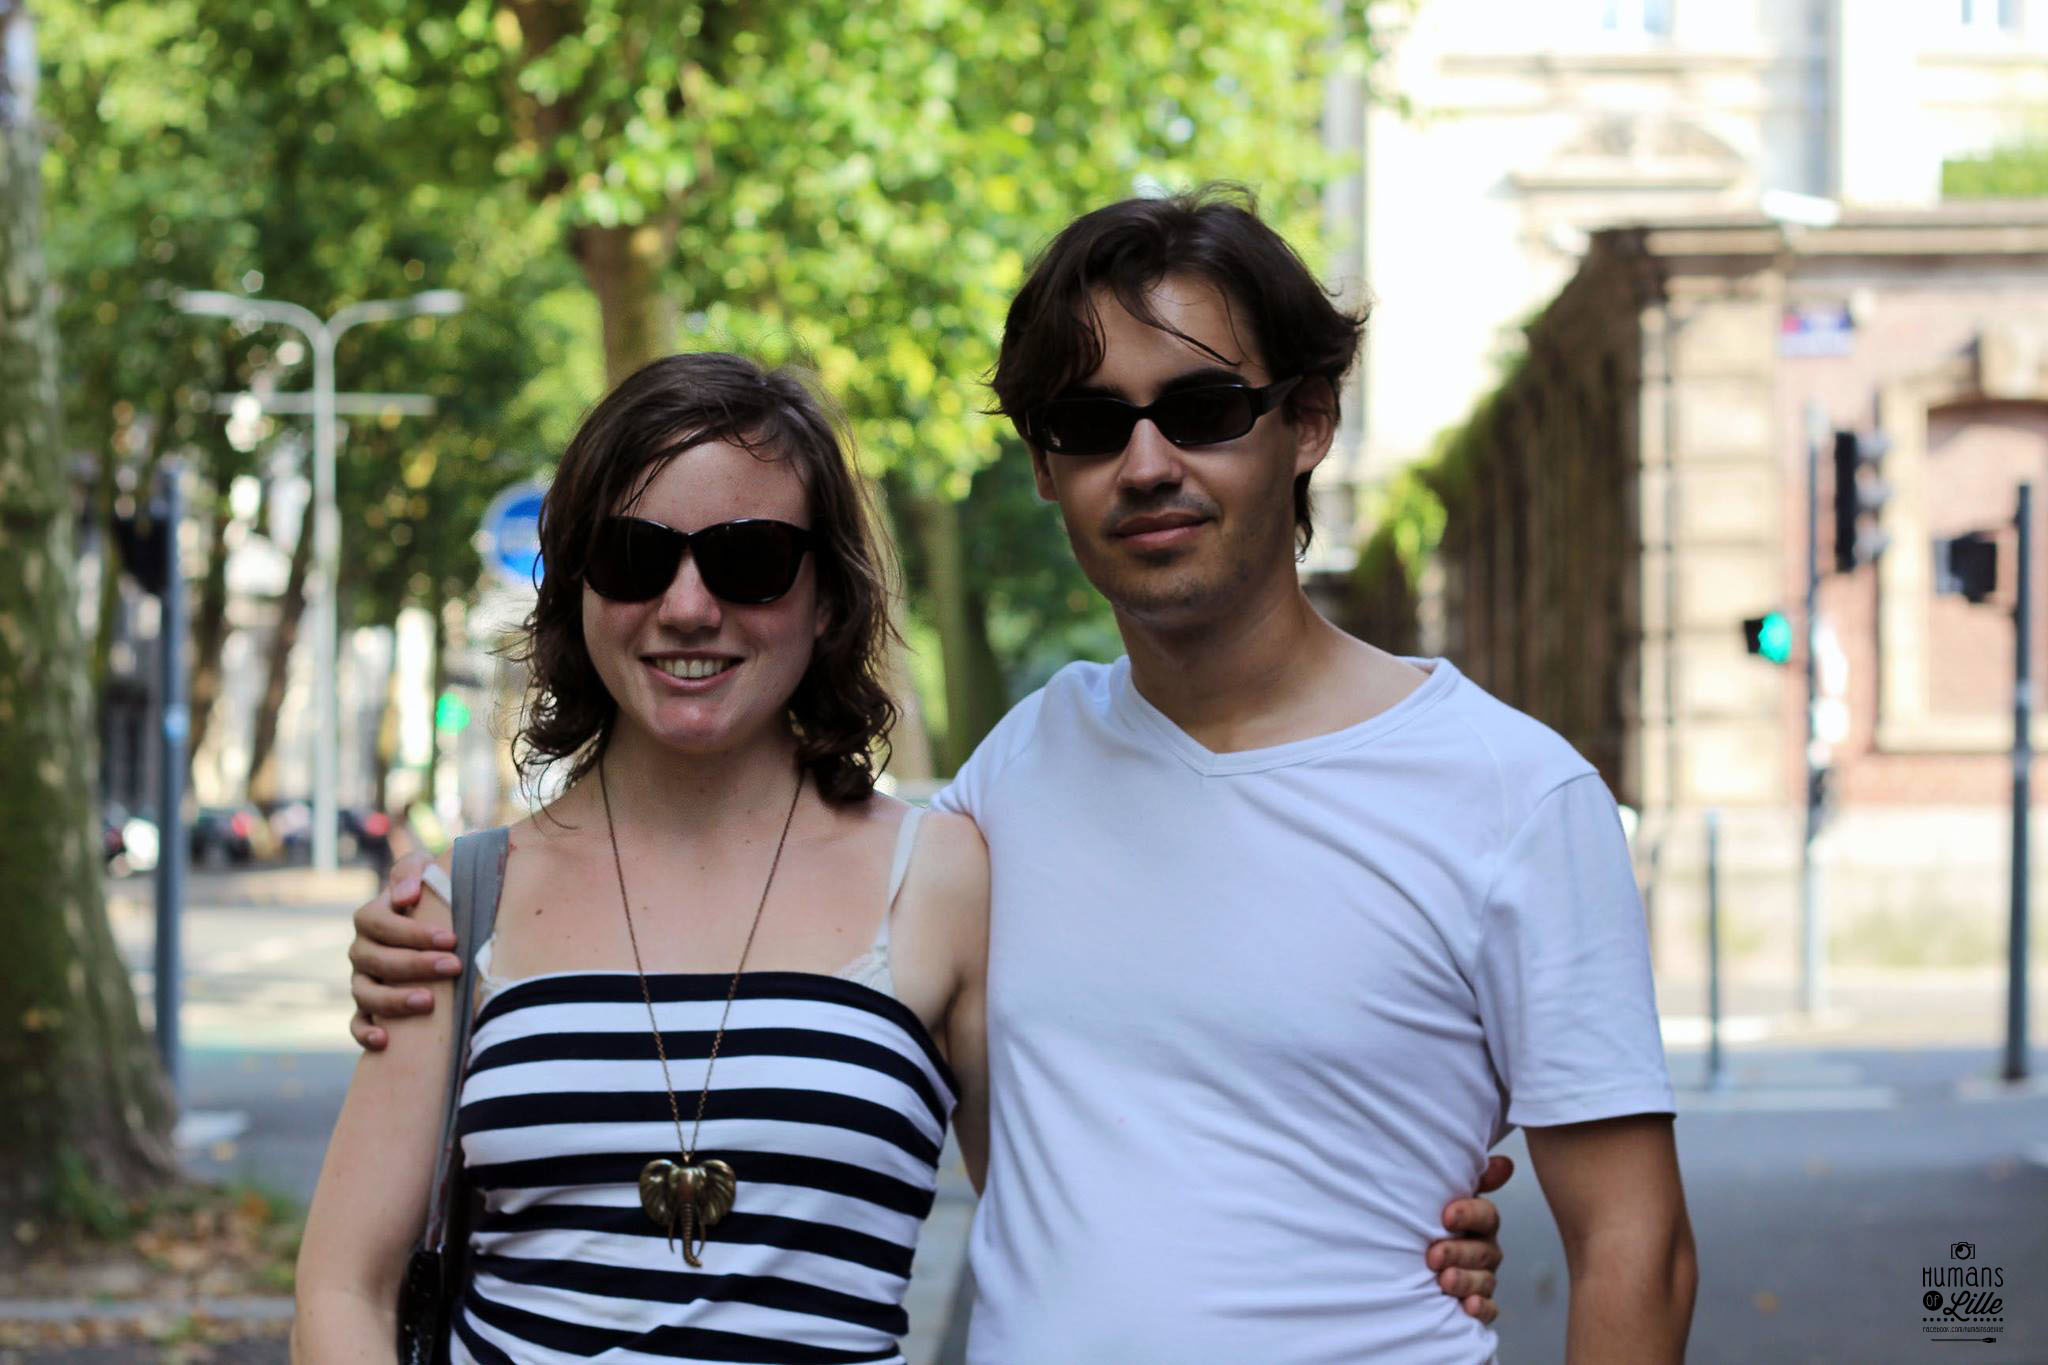 Elle est de Lille, moi de Perpignan. On est ensemble depuis 1 semaine et on est justement en train de se demander si notre couple va tenir à distance...